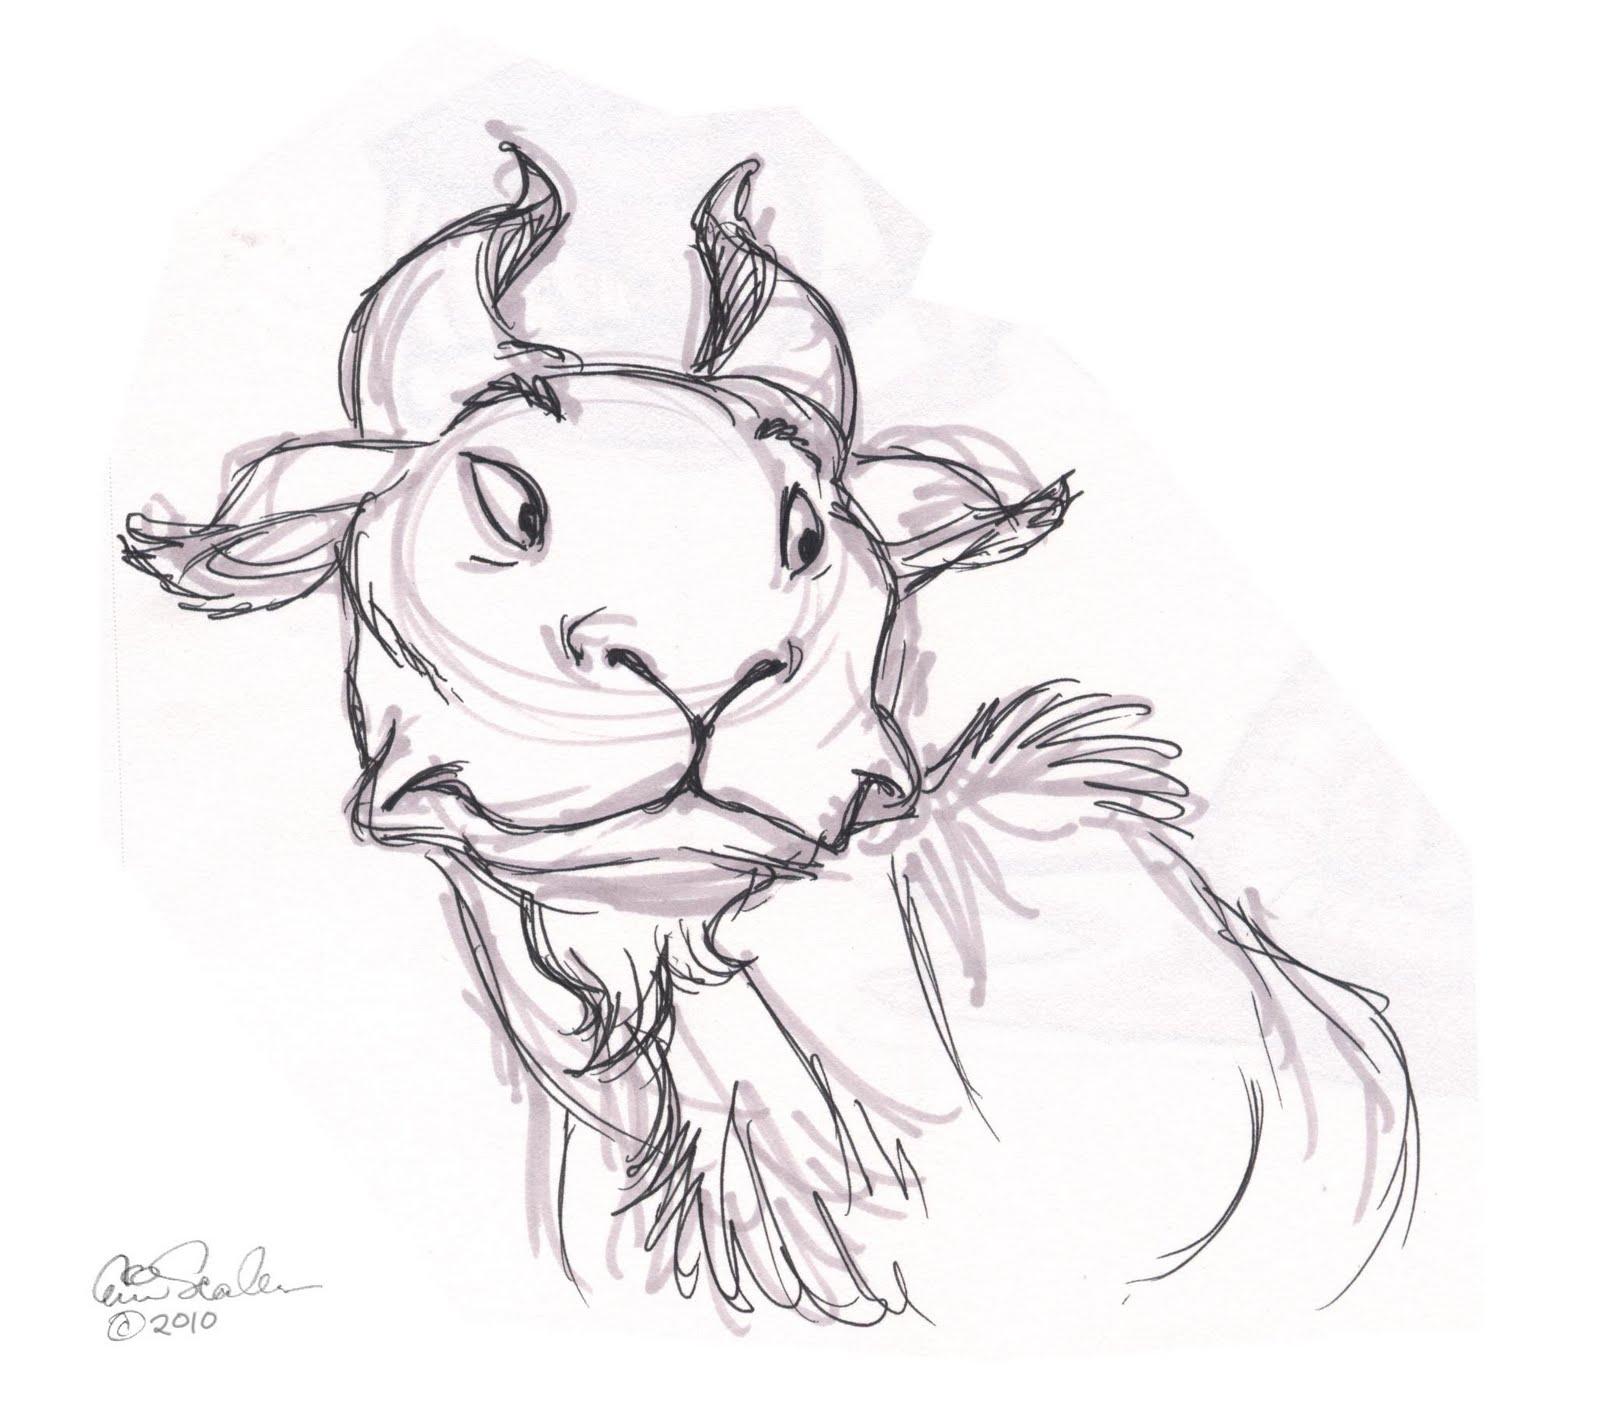 1600x1415 The Ol' Sketchbook Wildebeest Ala Sanders